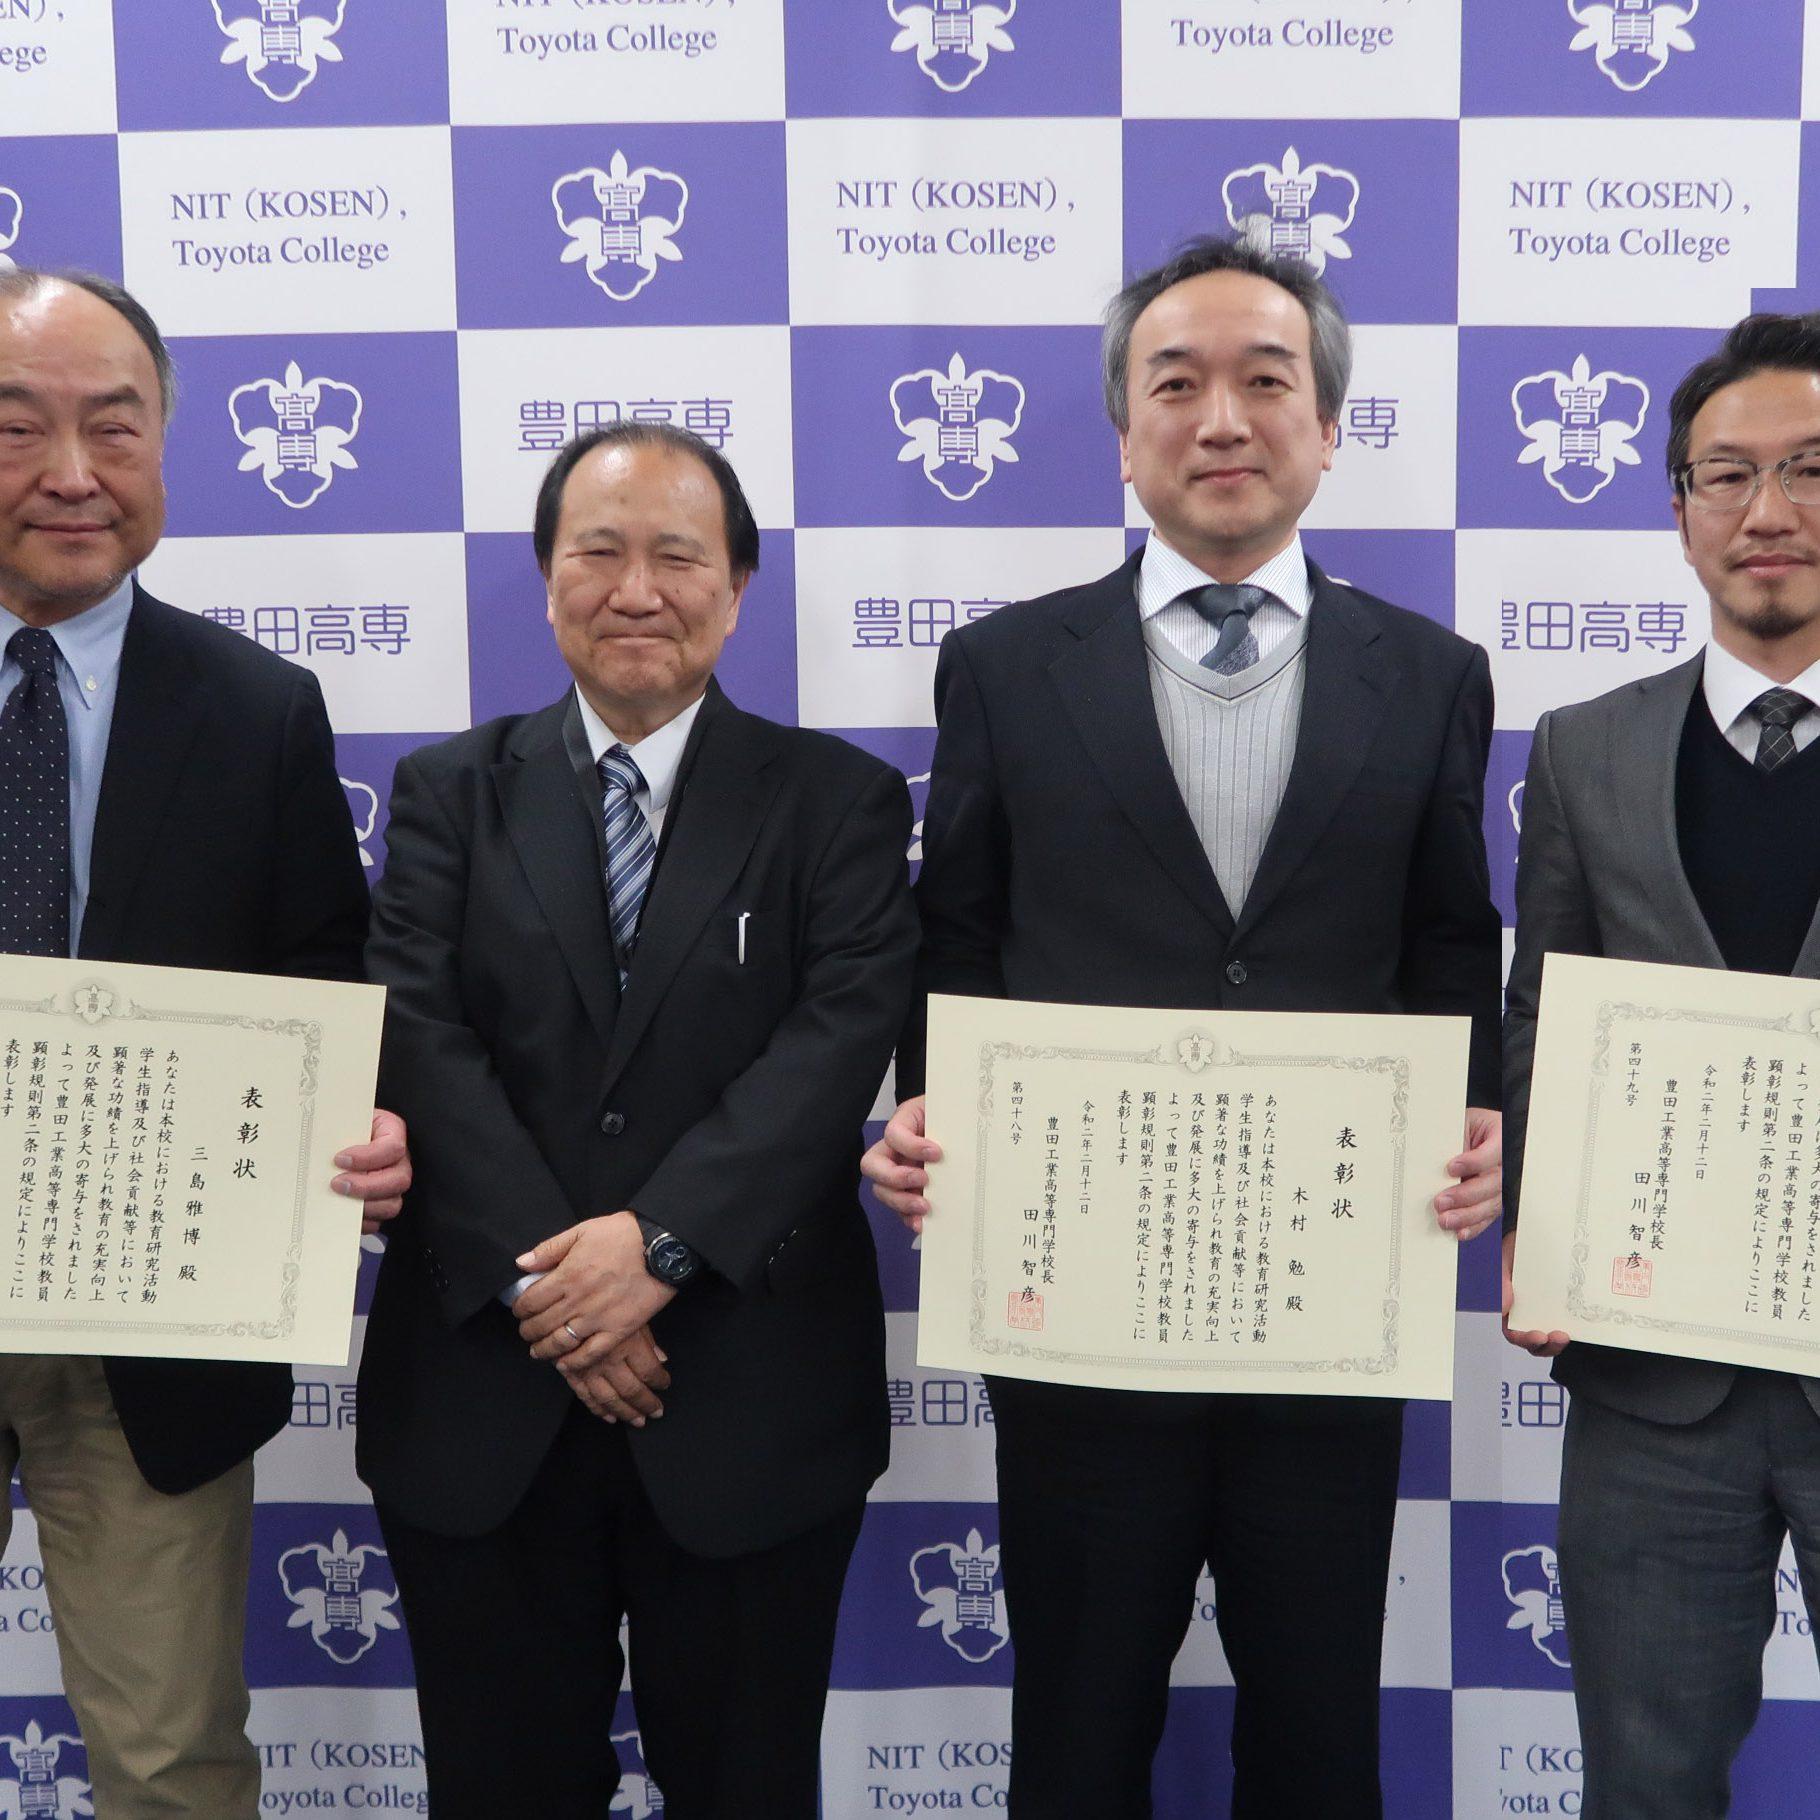 令和元年度教員顕彰表彰式を実施